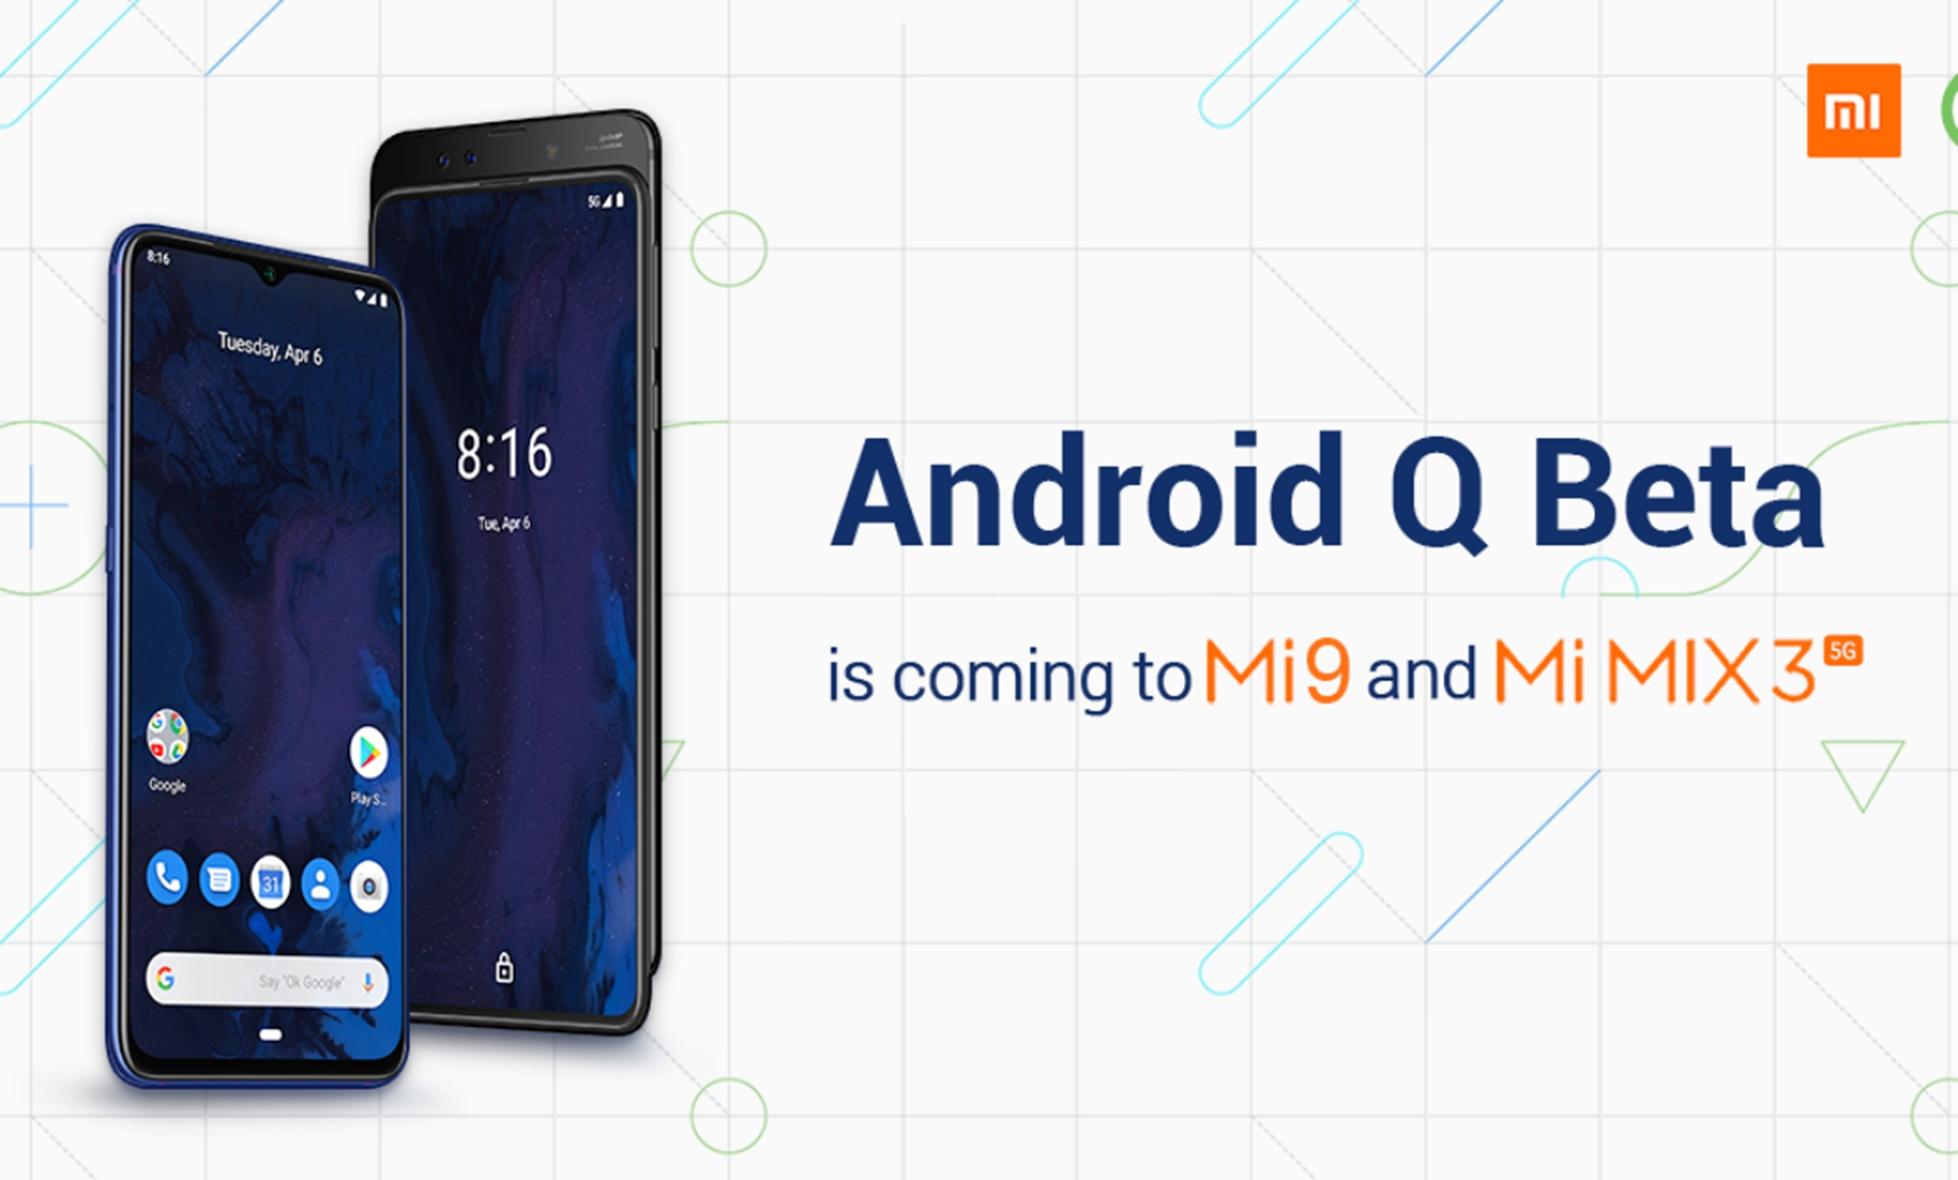 Inilah Kesepuluh Smartphone Xiaomi Yang Akan Mendapatkan Sistem Operasi Android Q 3